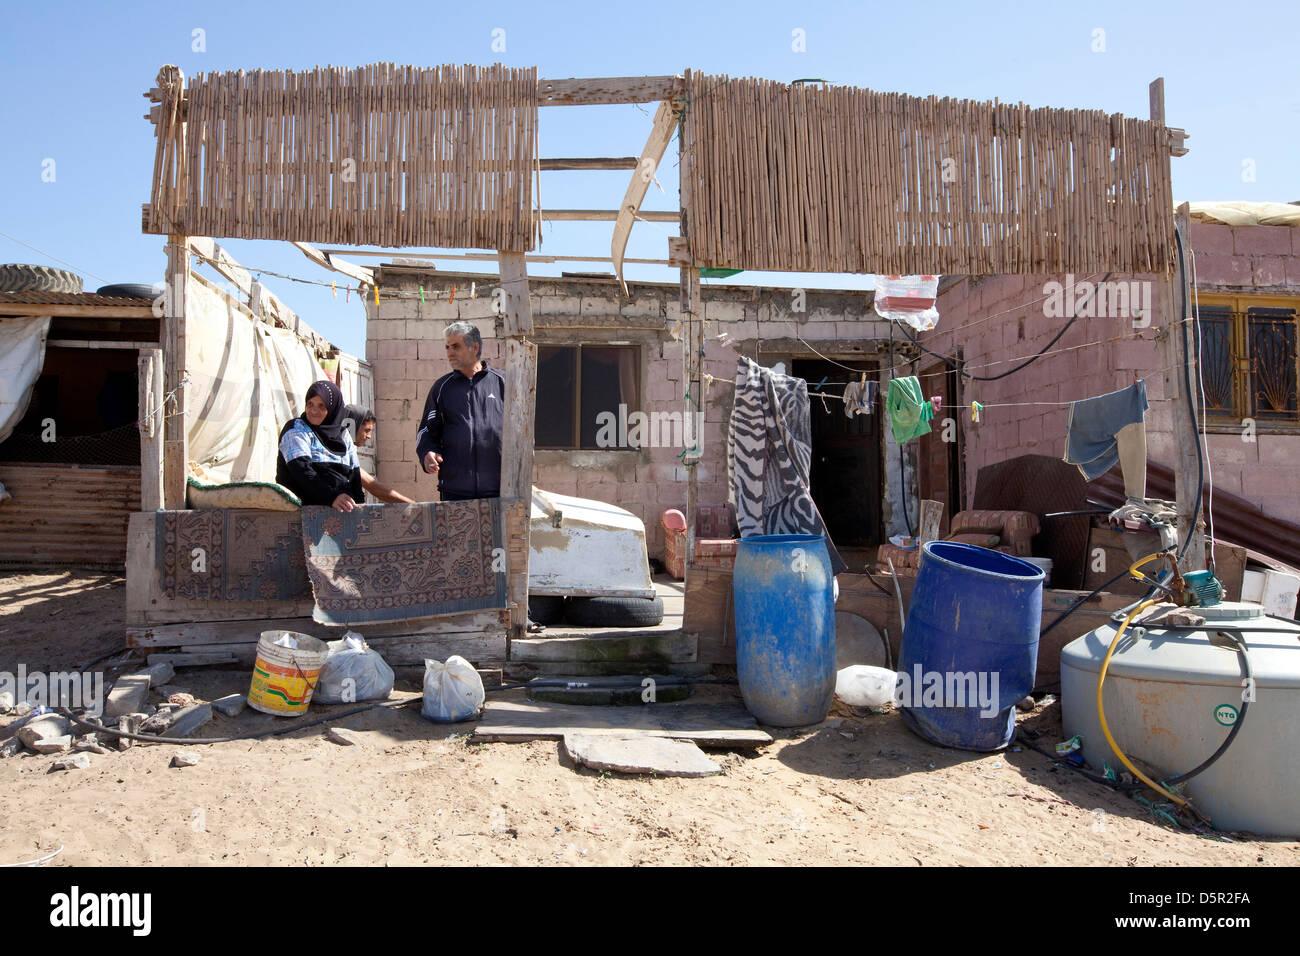 Jal El Bahr de asentamiento de los refugiados palestinos, Tiro, Líbano Imagen De Stock